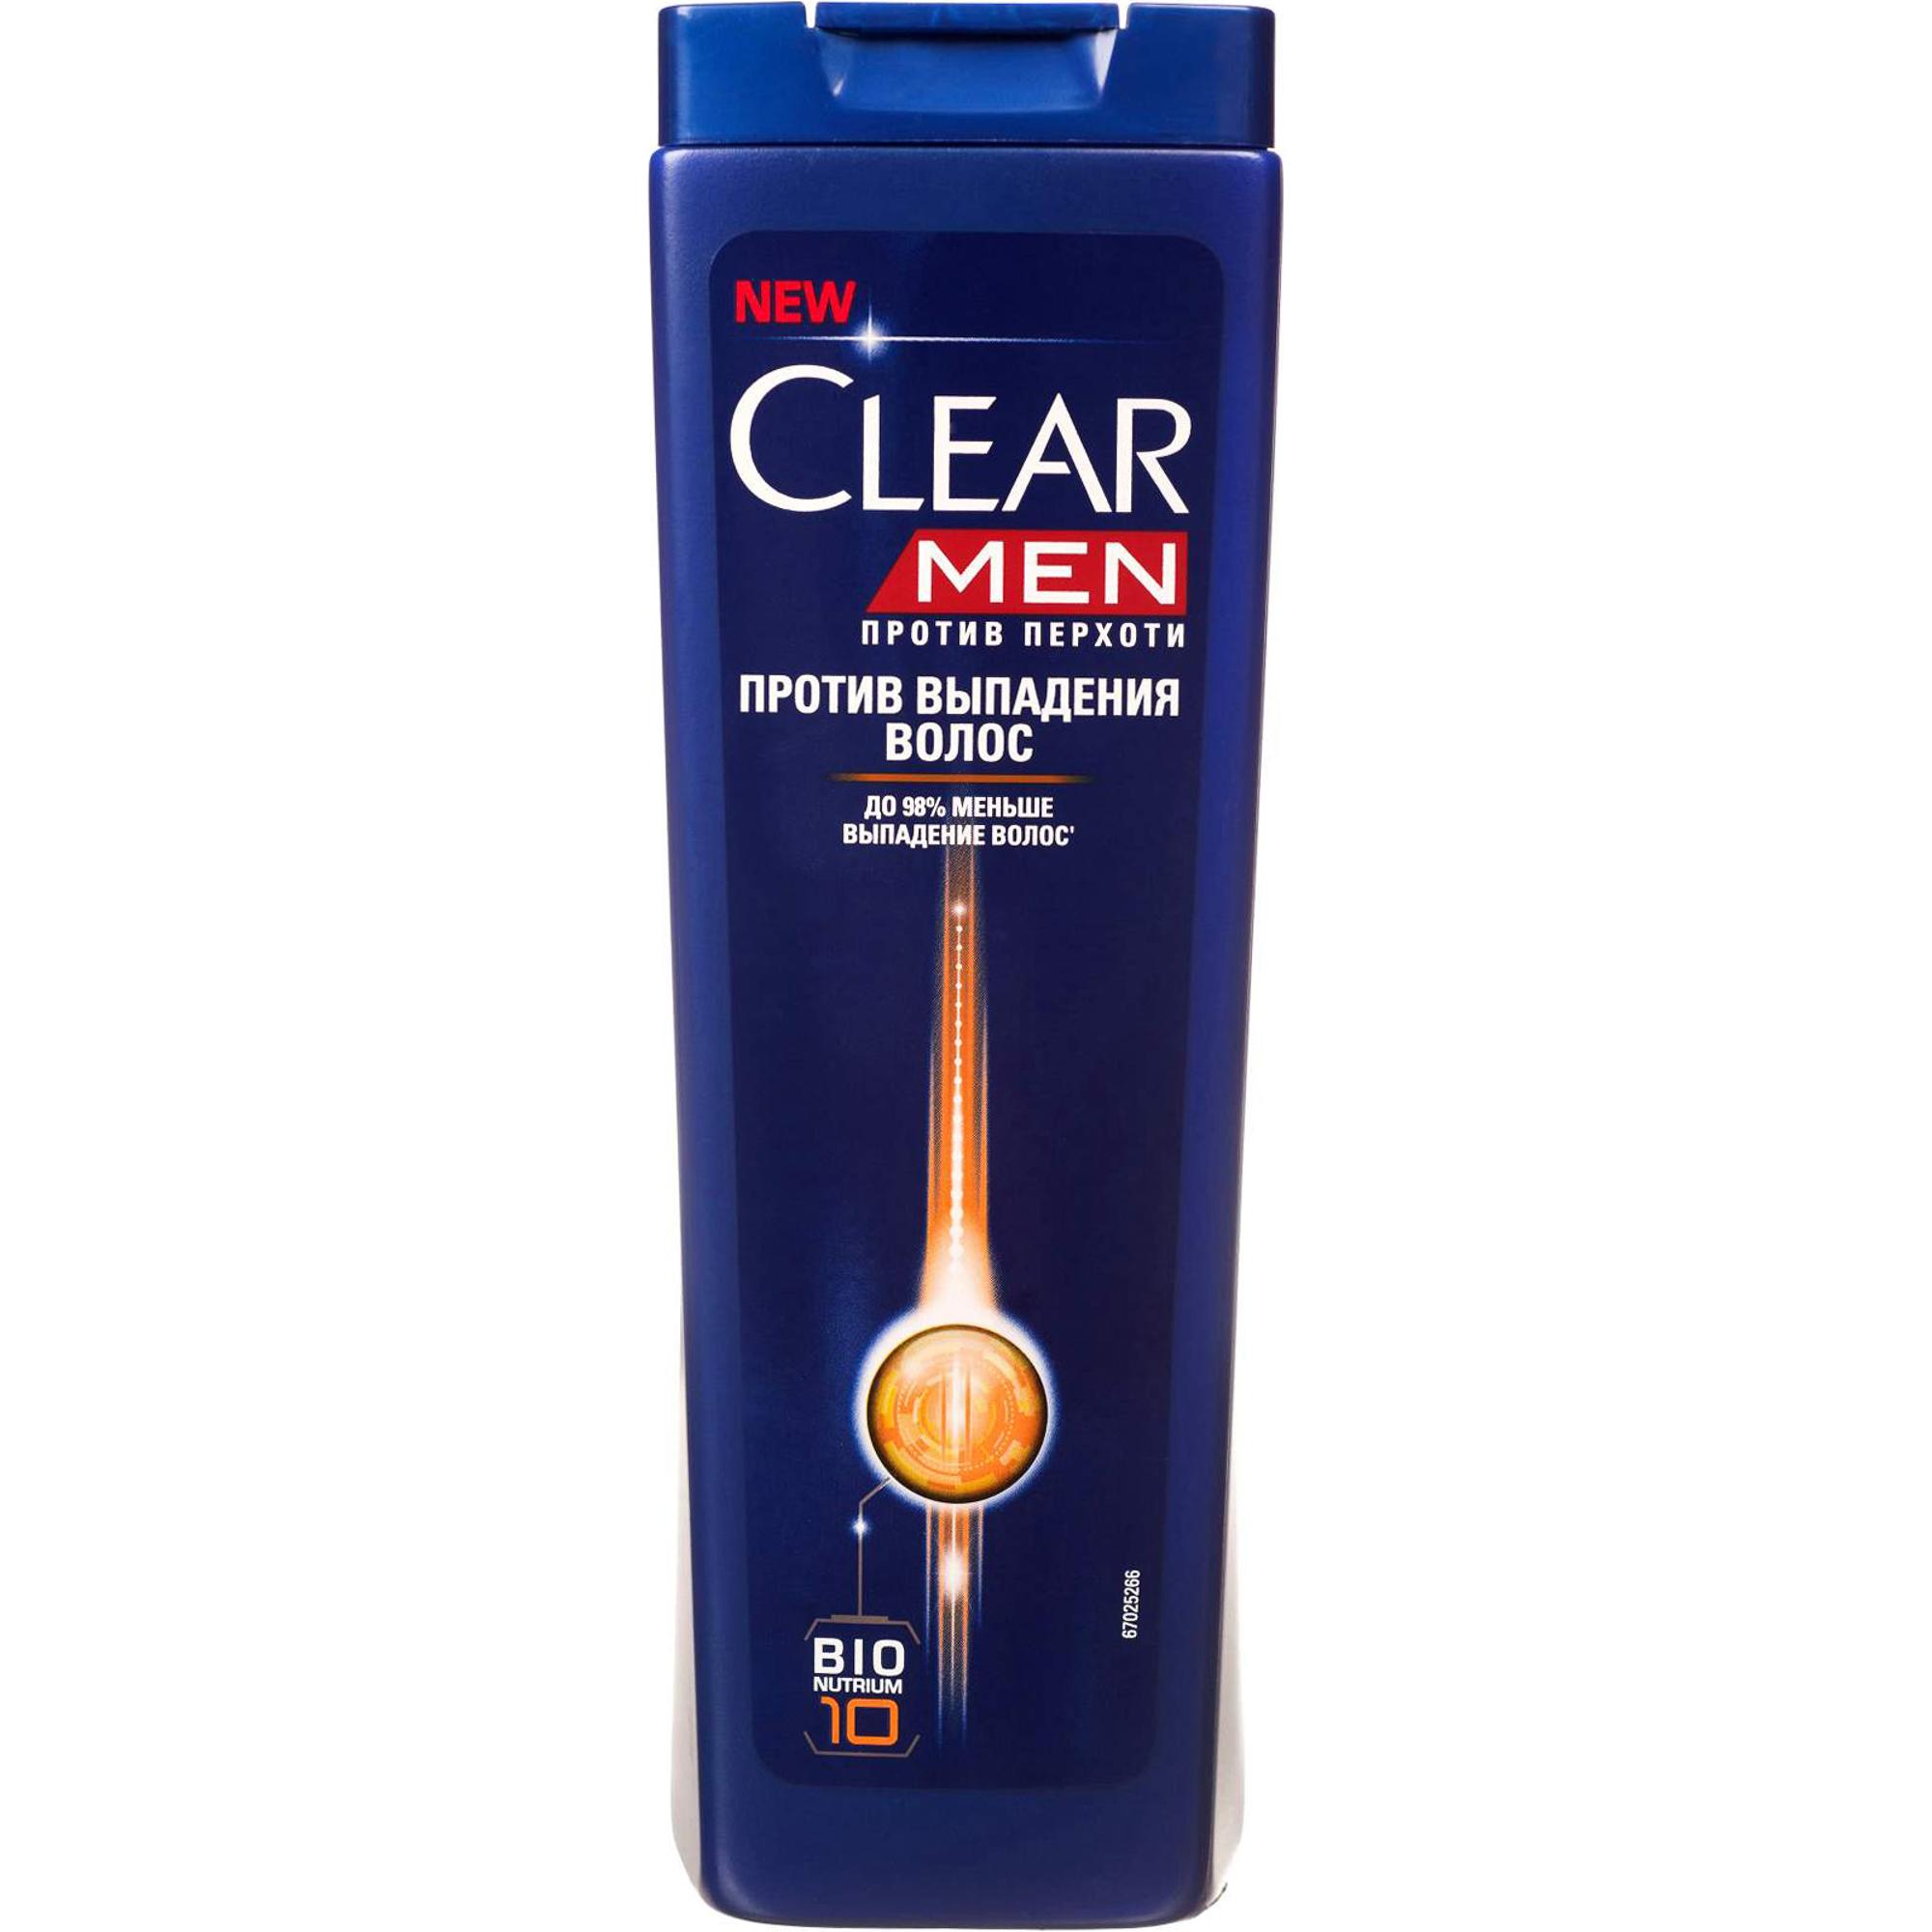 Шампунь Clear Men Против перхоти Против выпадения волос 400 мл ducray неоптид лосьон от выпадения волос для мужчин 100 мл